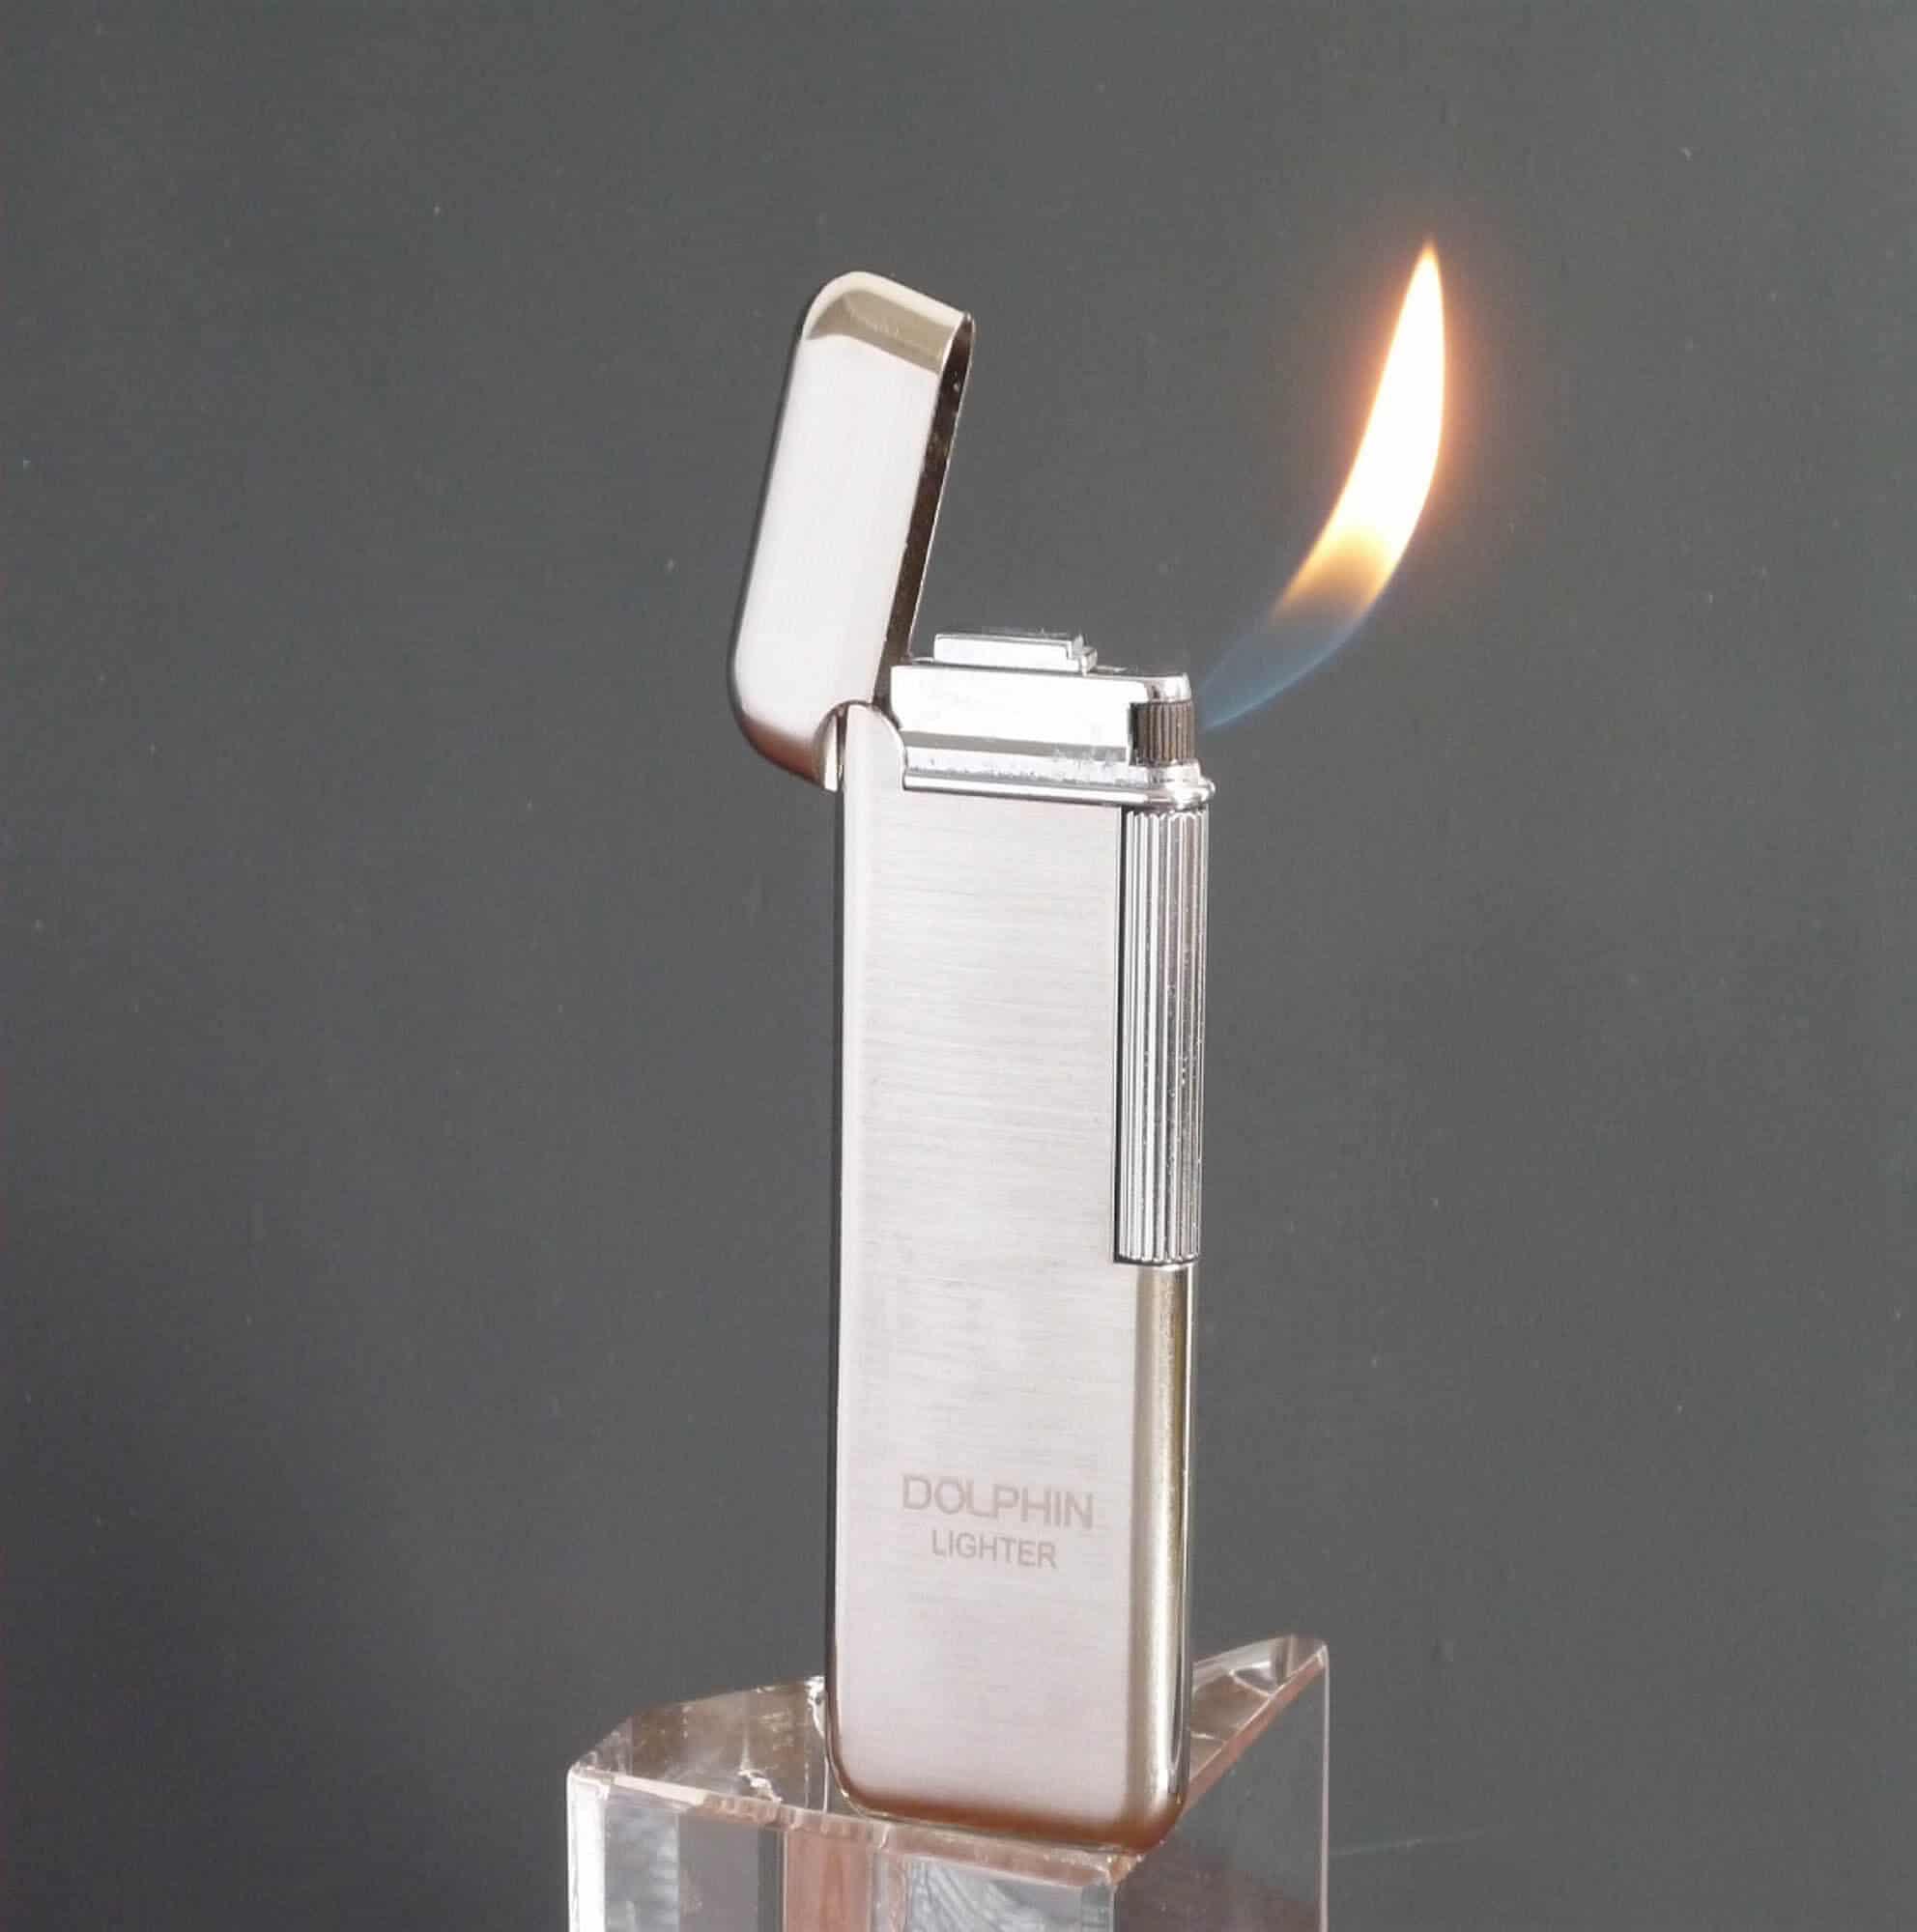 Image result for lighter